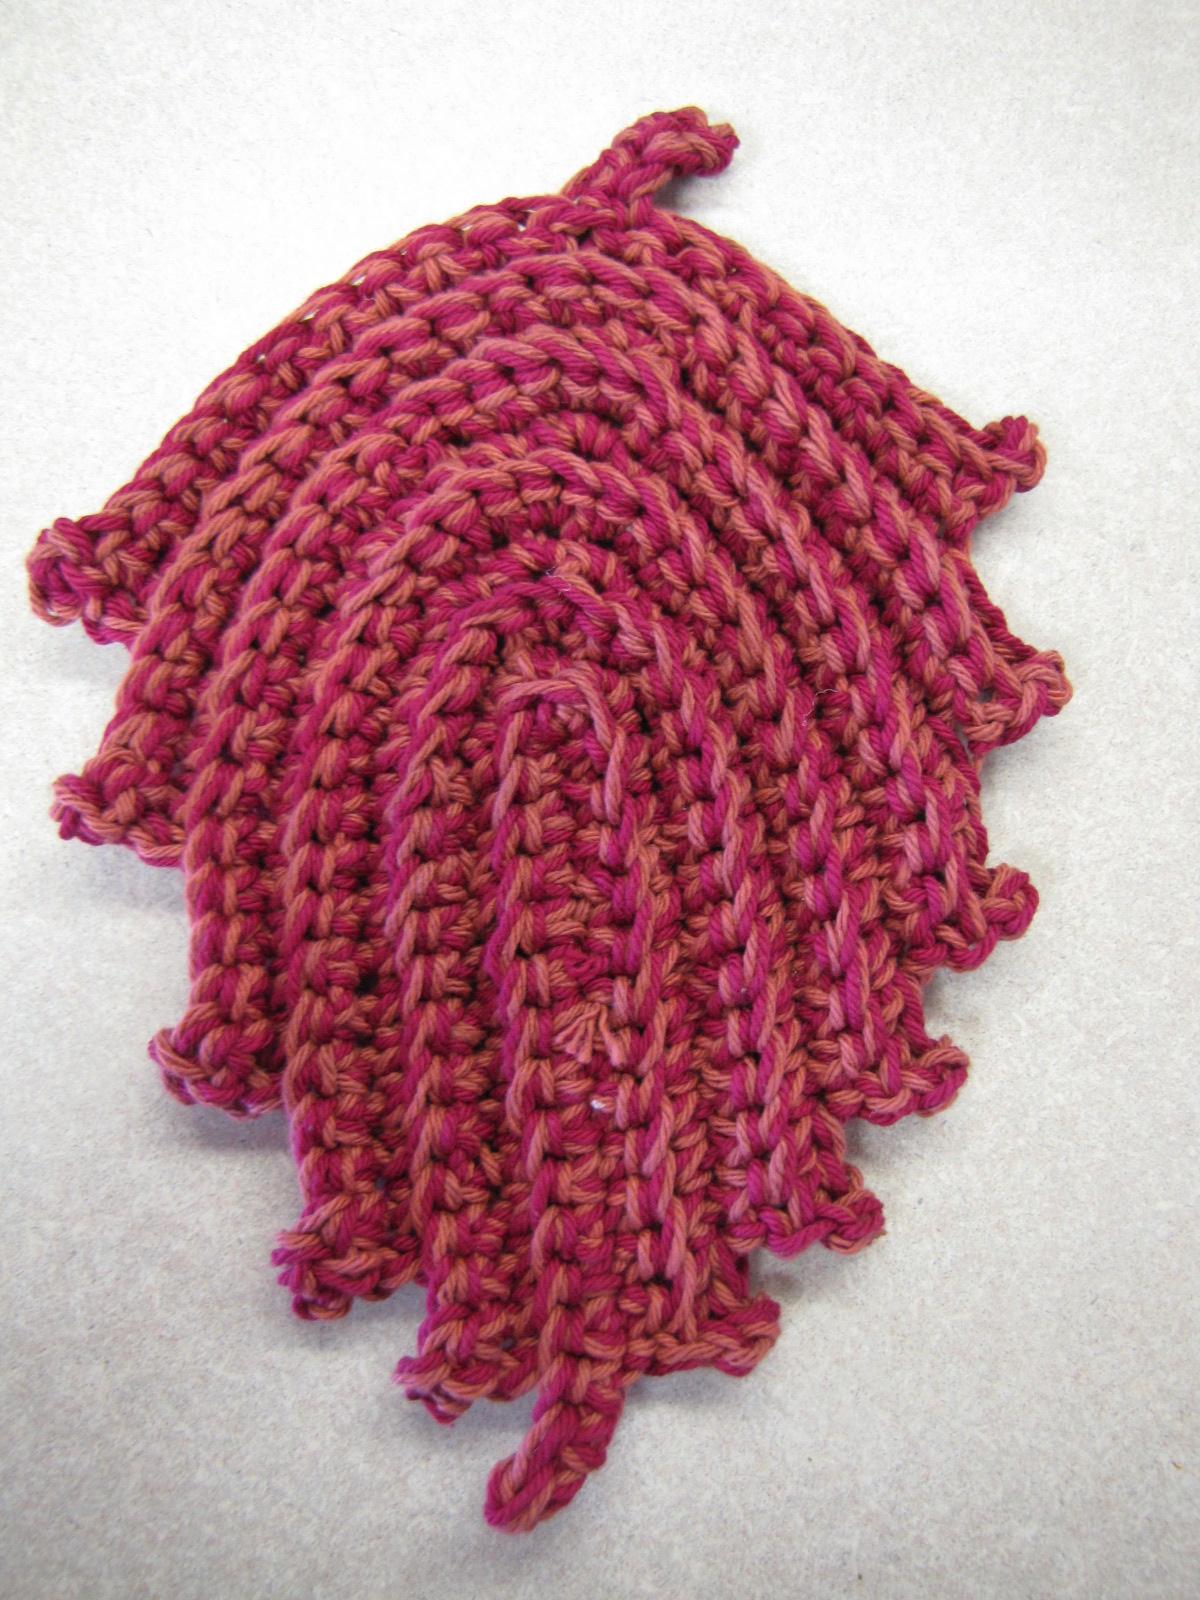 Crochet Leaf Pattern : Autumn Leaves Crochet Pattern Free - Hot Girls Wallpaper